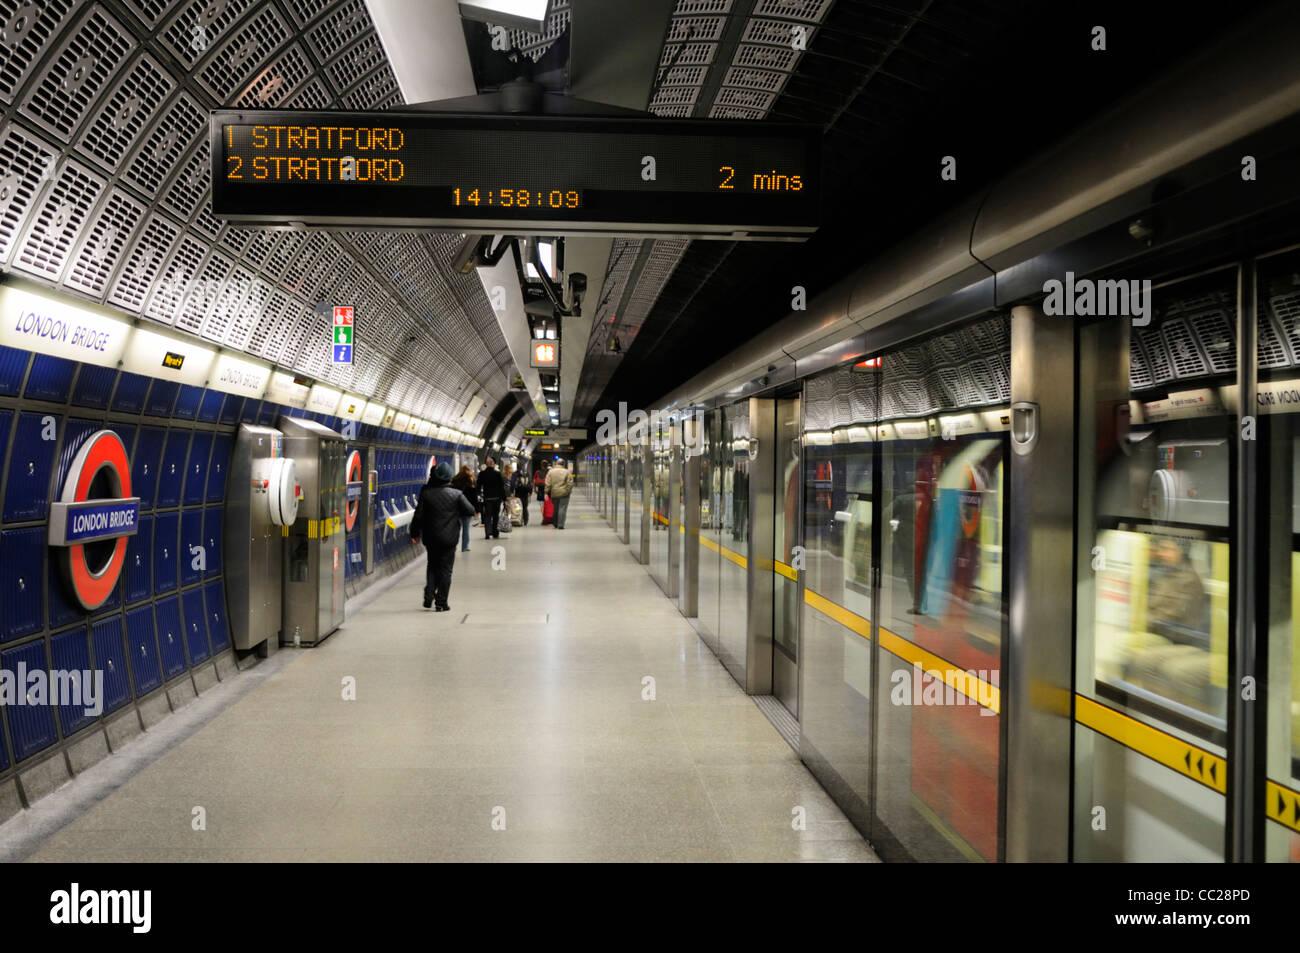 London Bridge Underground Station Jubilee Line Platform, London, England, UK - Stock Image